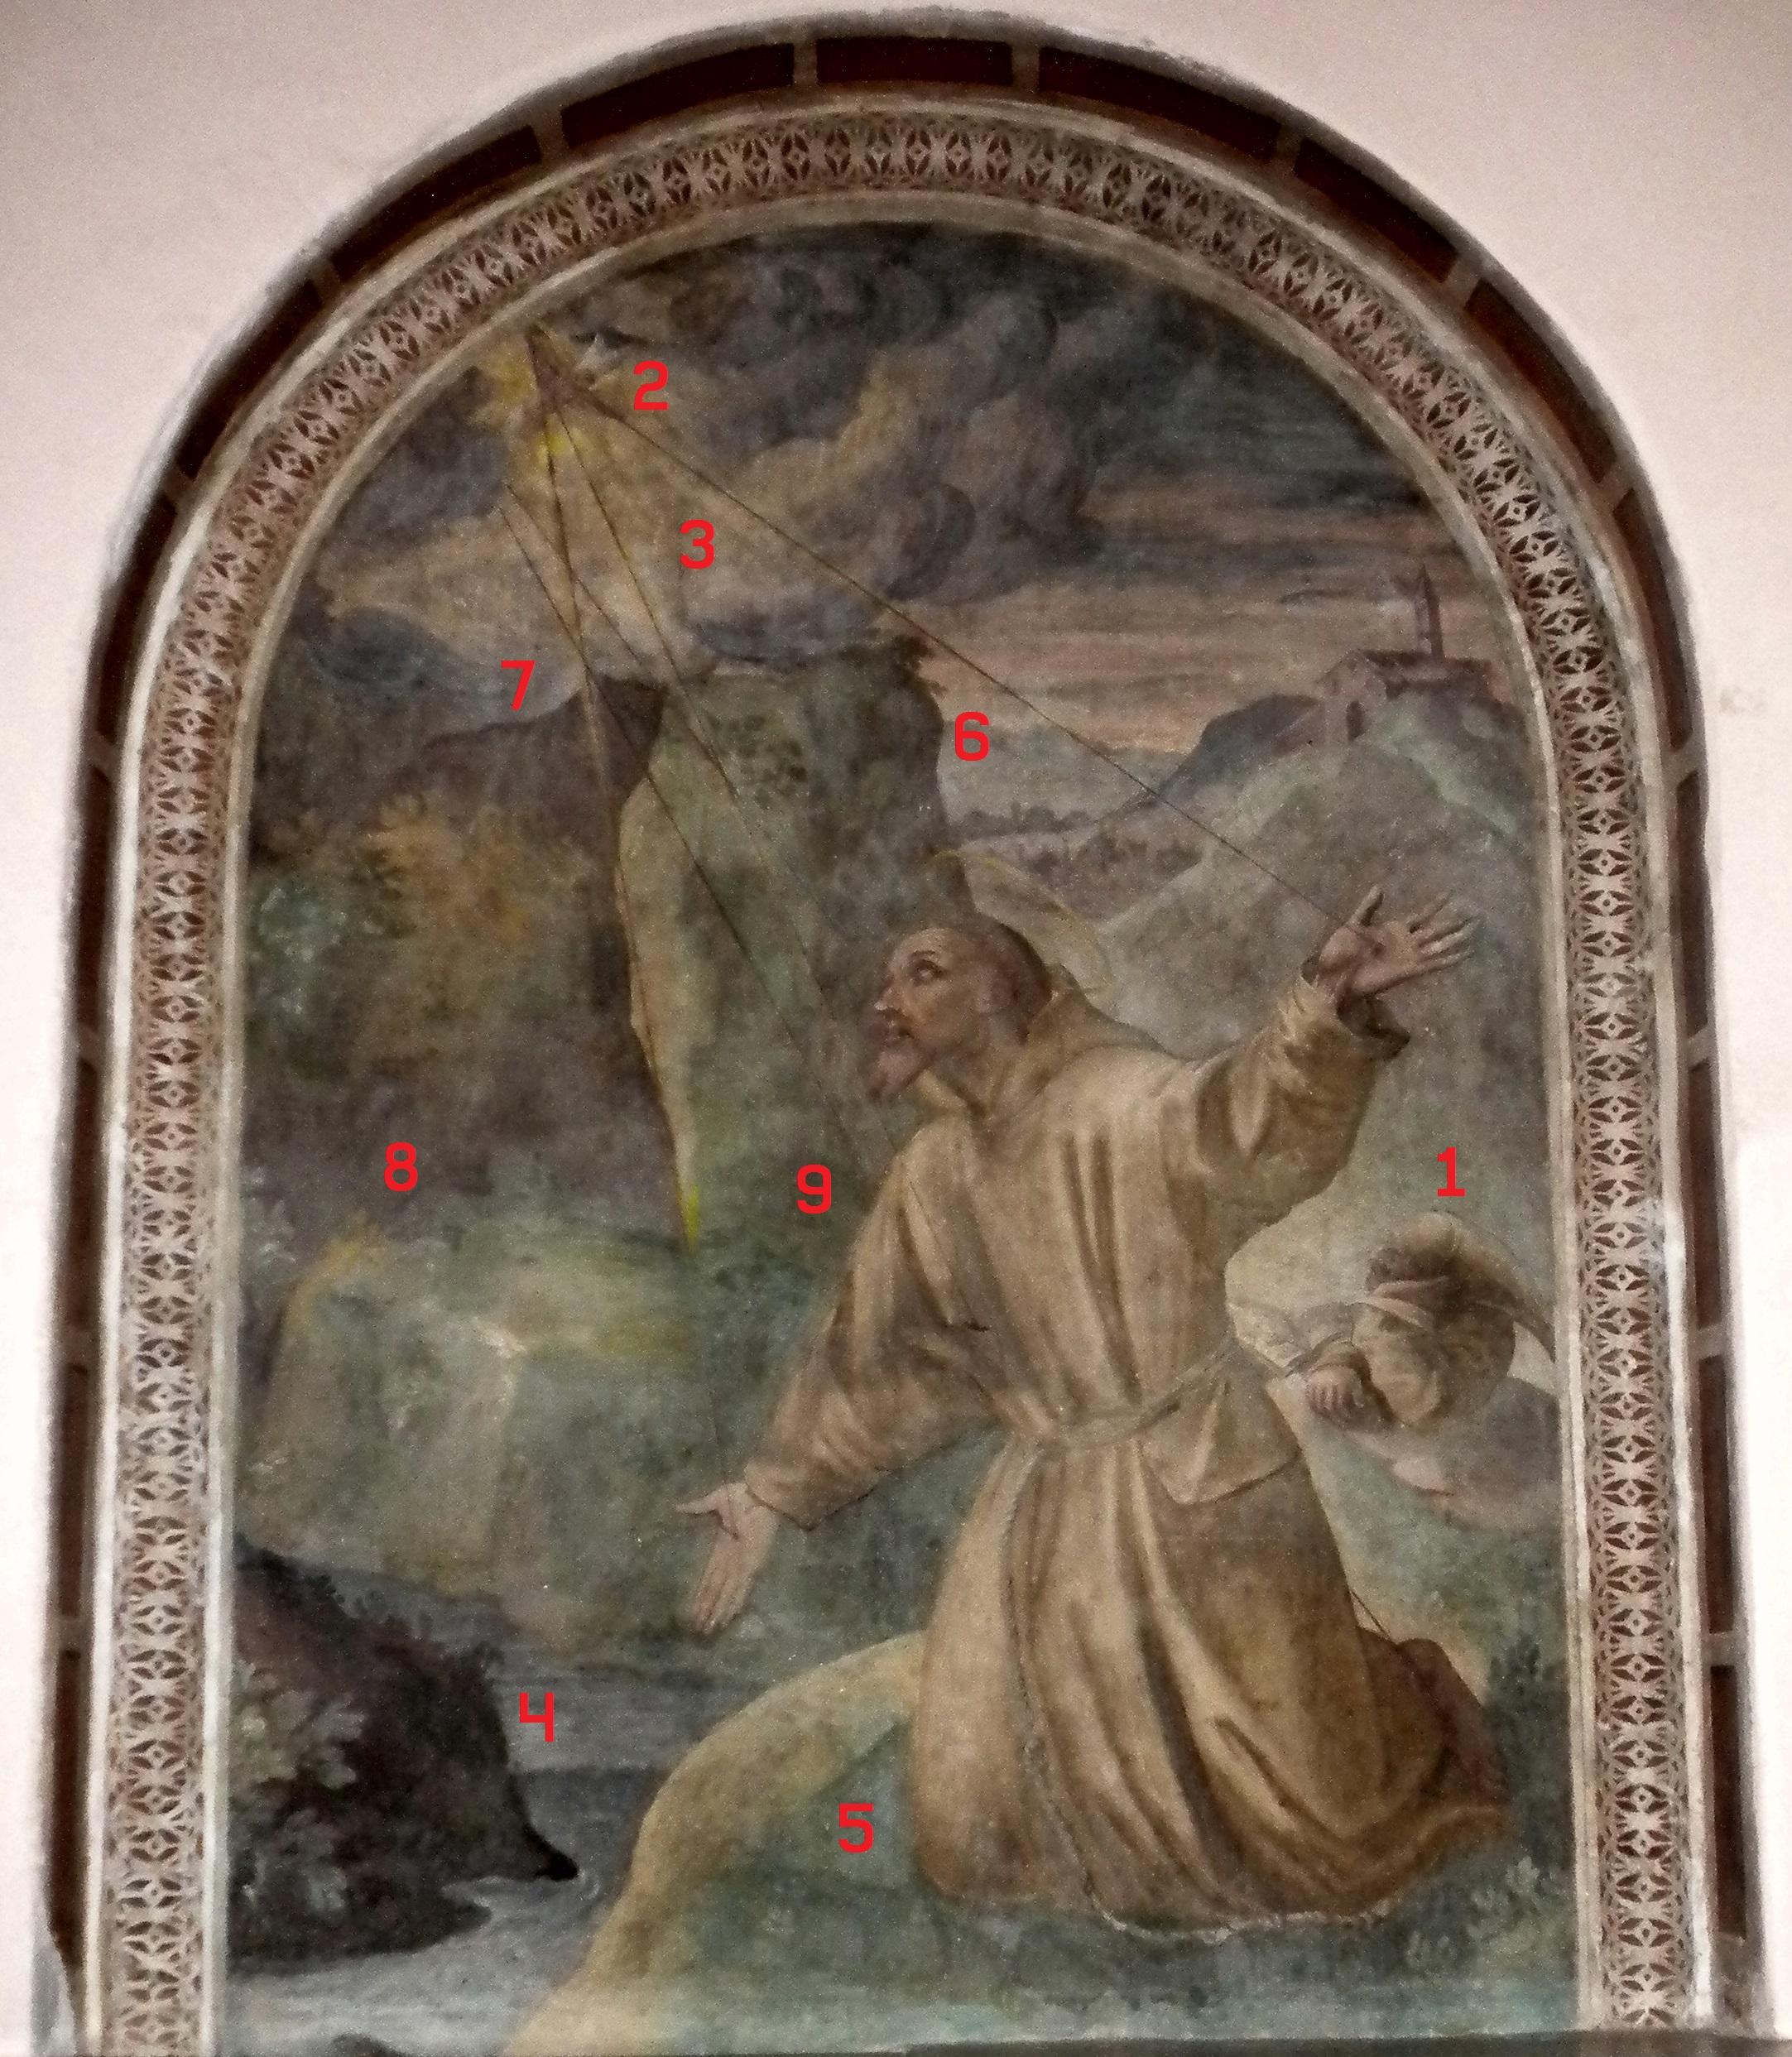 Esoterismo ed arte analisi di un opera su san francesco nella